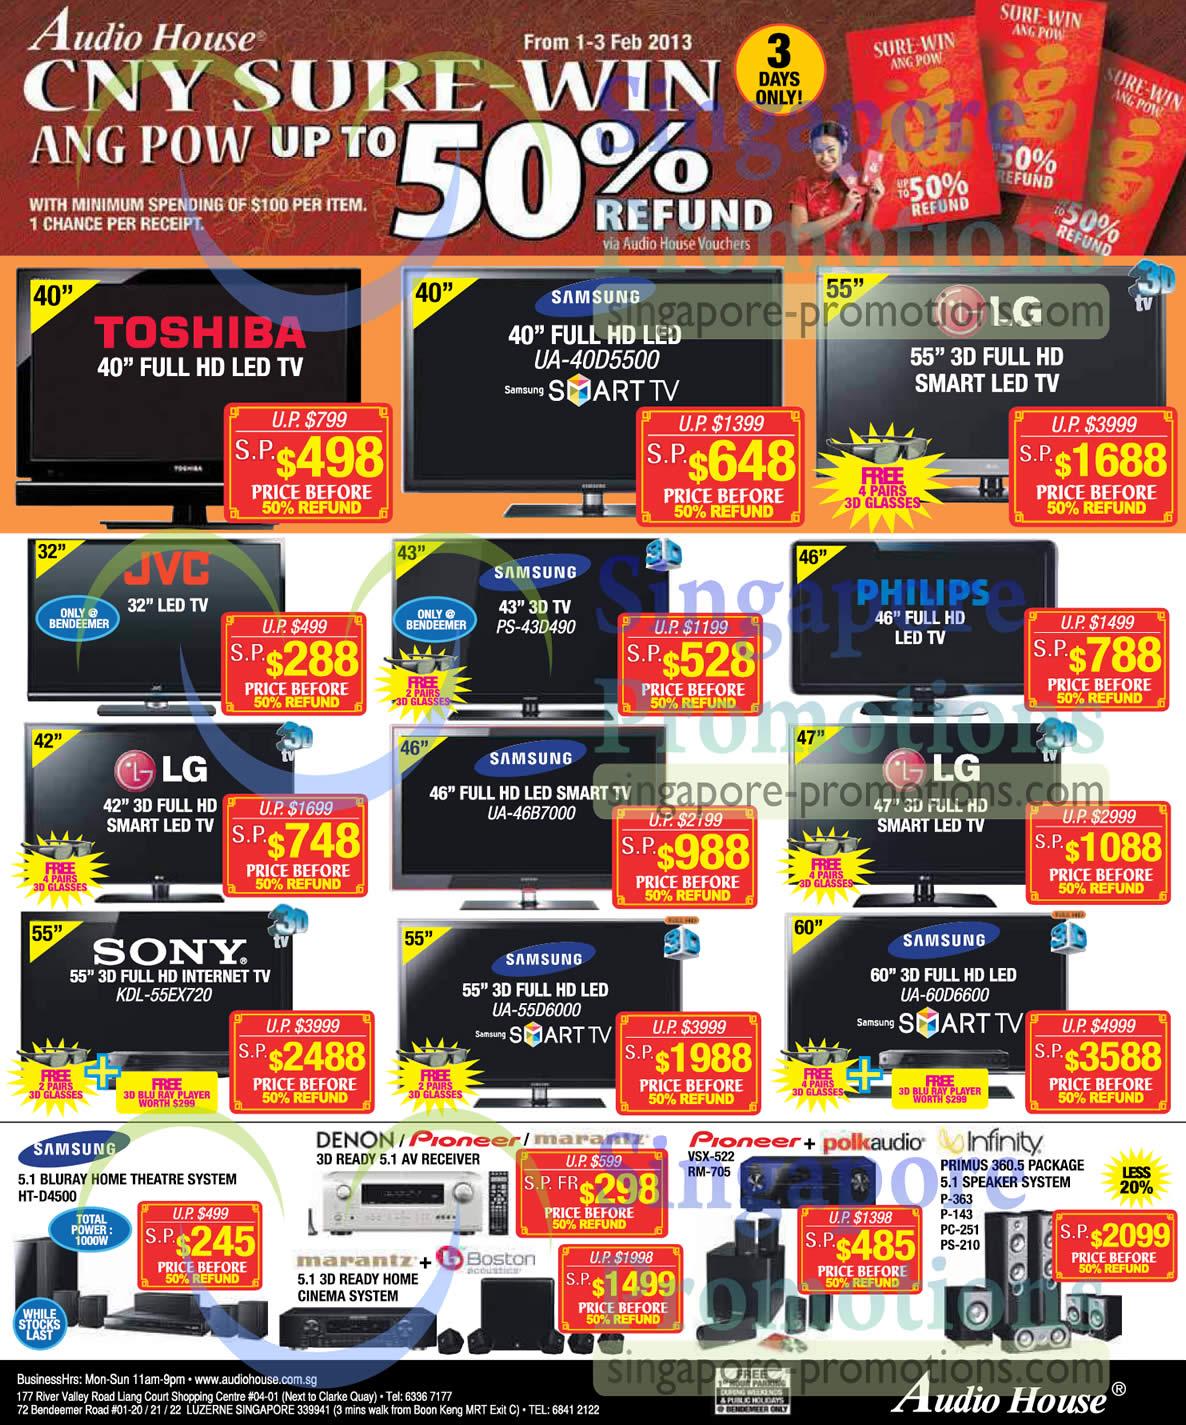 SAMSUNG LED TV UA-40D5500, SAMSUNG LED TV PS-43D490, SAMSUNG LED TV UA-46B7000, SAMSUNG LED UA-60D6600, SAMSUNG LED UA-55D6000, Sony LED TV KDL-55EX720